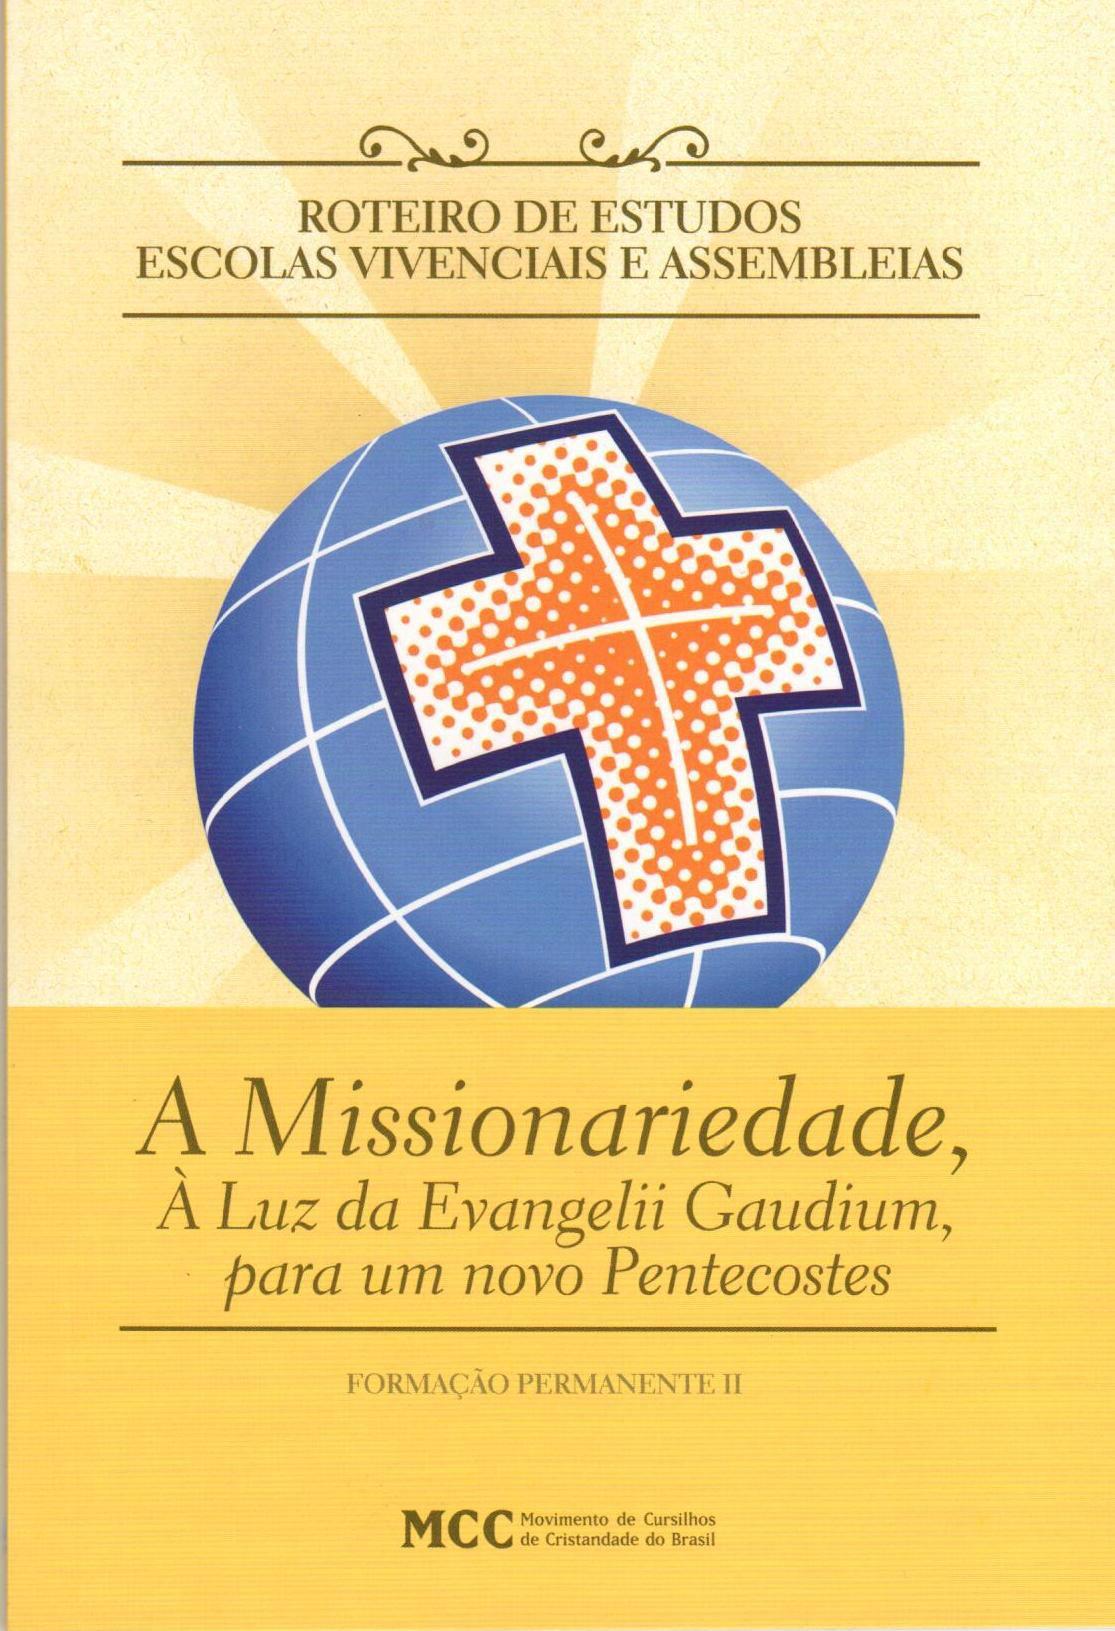 FORMAÇÃO PERMANENTE II - Assembleias Regionais - A Missionaridade, À Luz da Evangelii Gaudium, para um Novo Pentecostes  - Cursilho